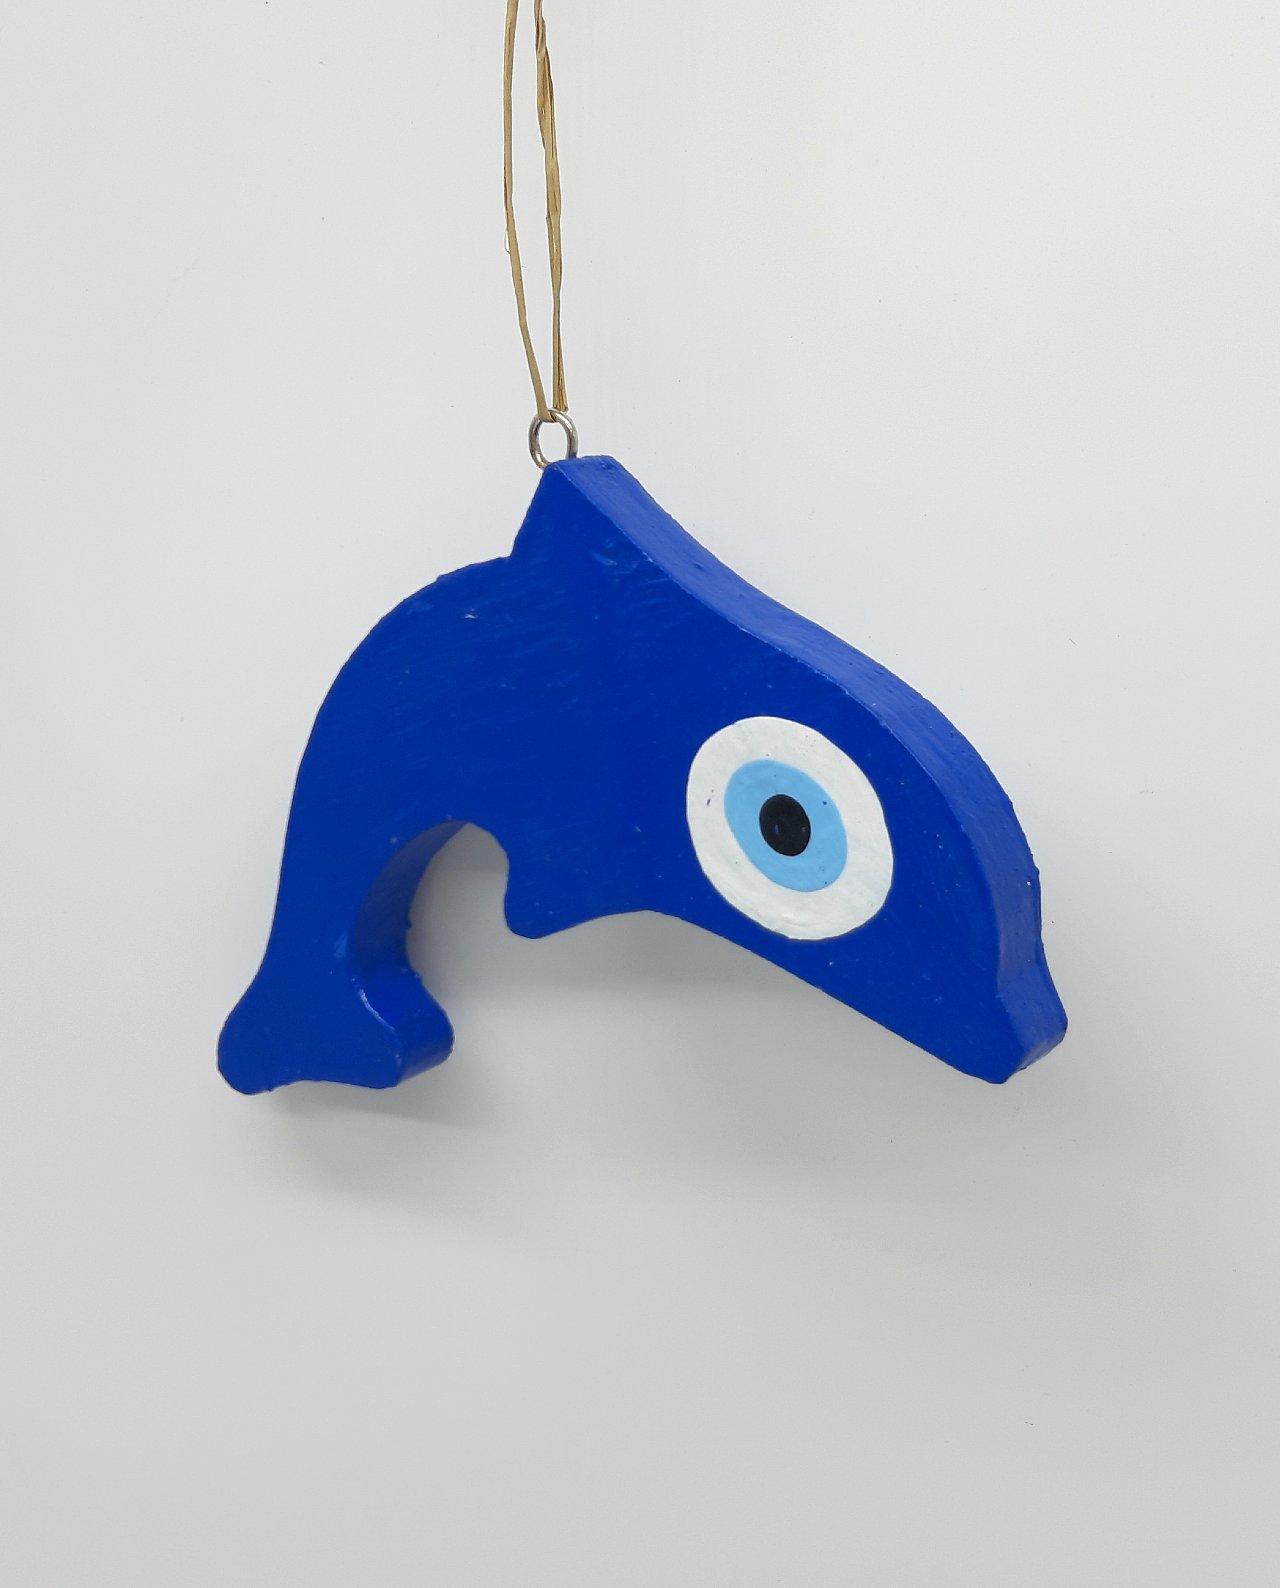 Δελφίνι Ματάκι Ξύλινο Χειροποίητο Μήκος 15 cm χρώμα μπλε